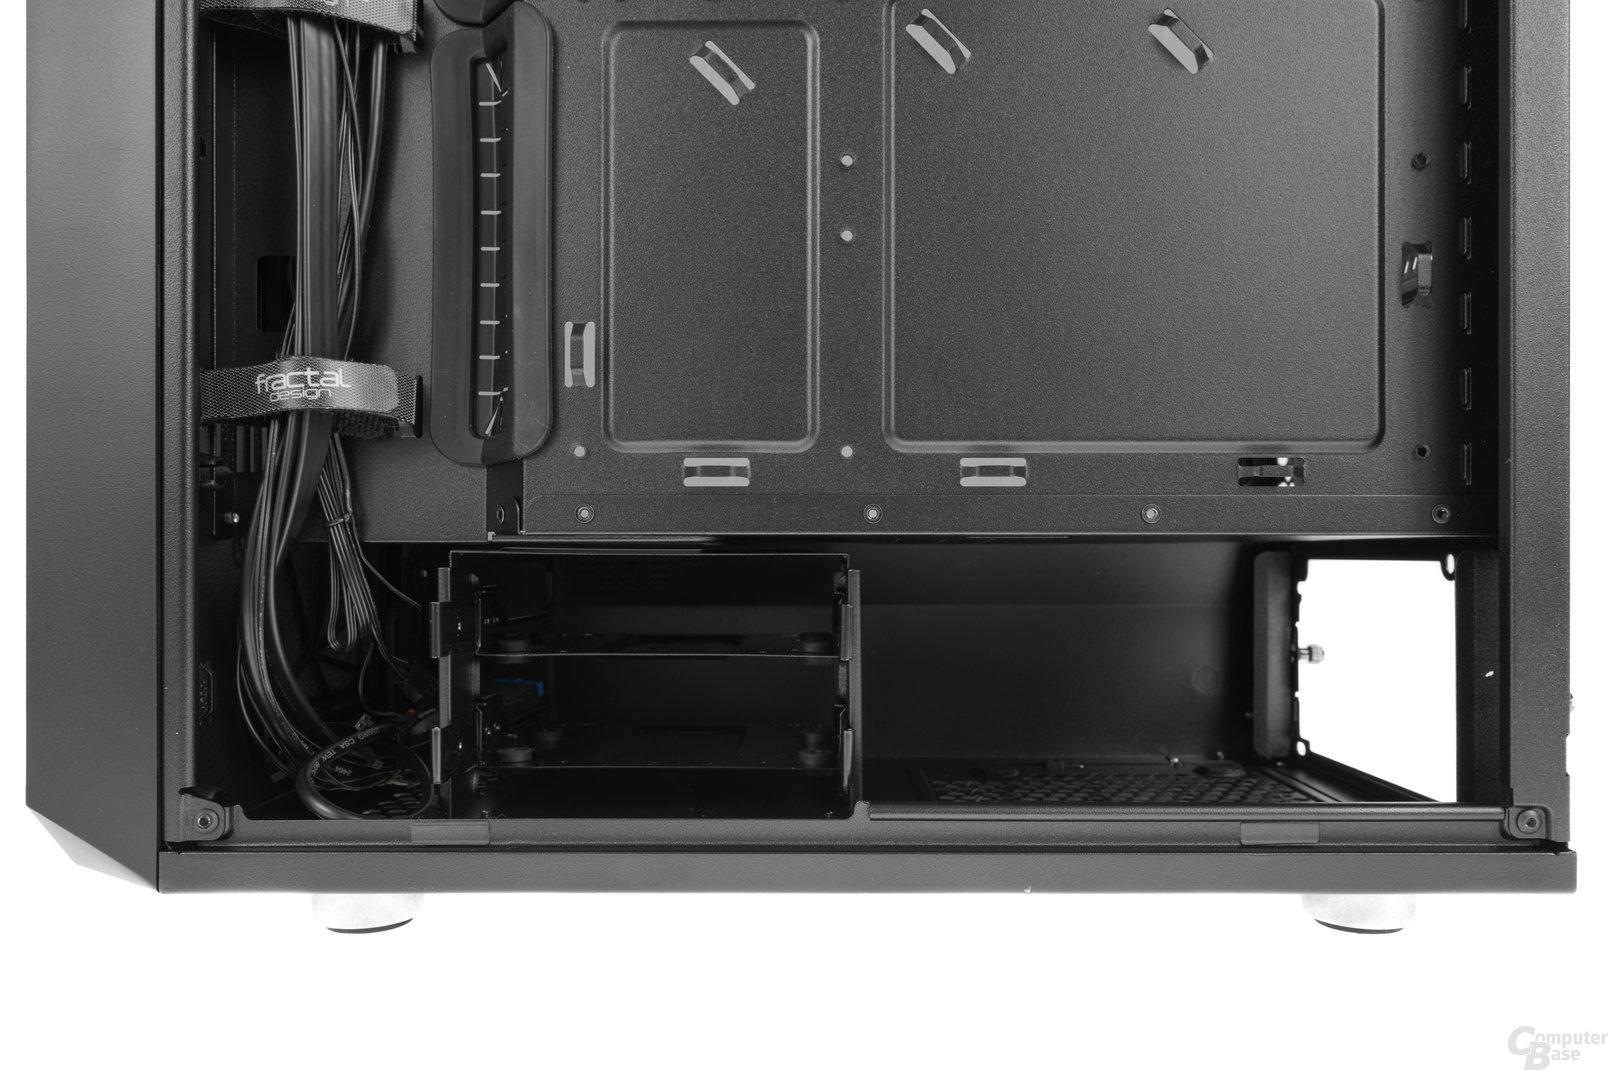 Fractal Design Meshify C – Der Netzteilschacht und ein modularer Festplattenkäfig